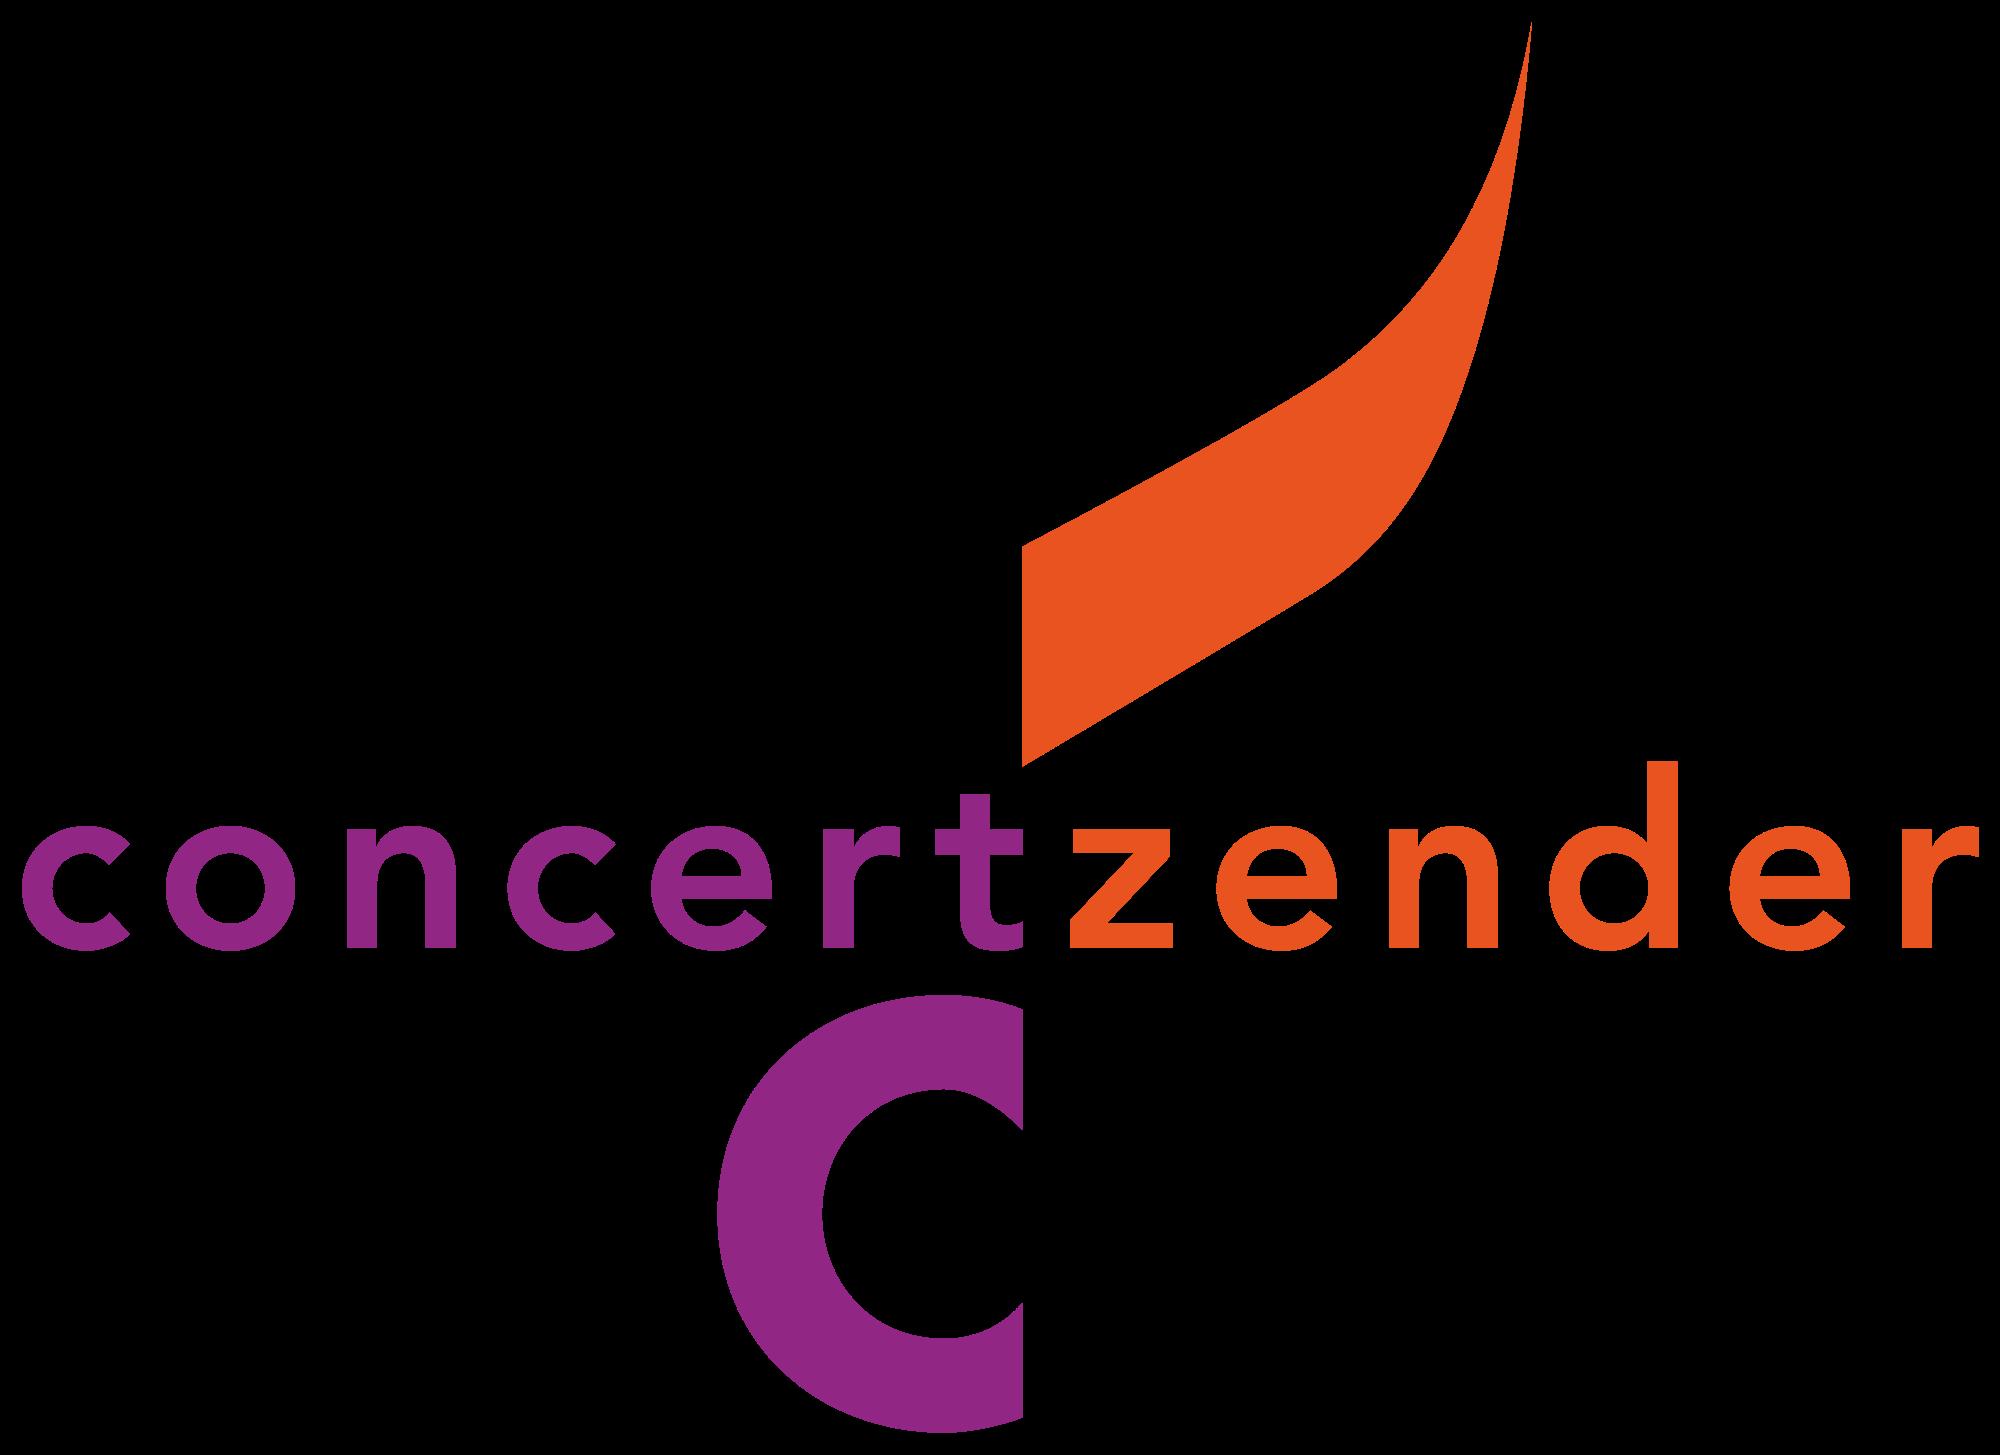 2000px-Concertzender-Logo-svg.png